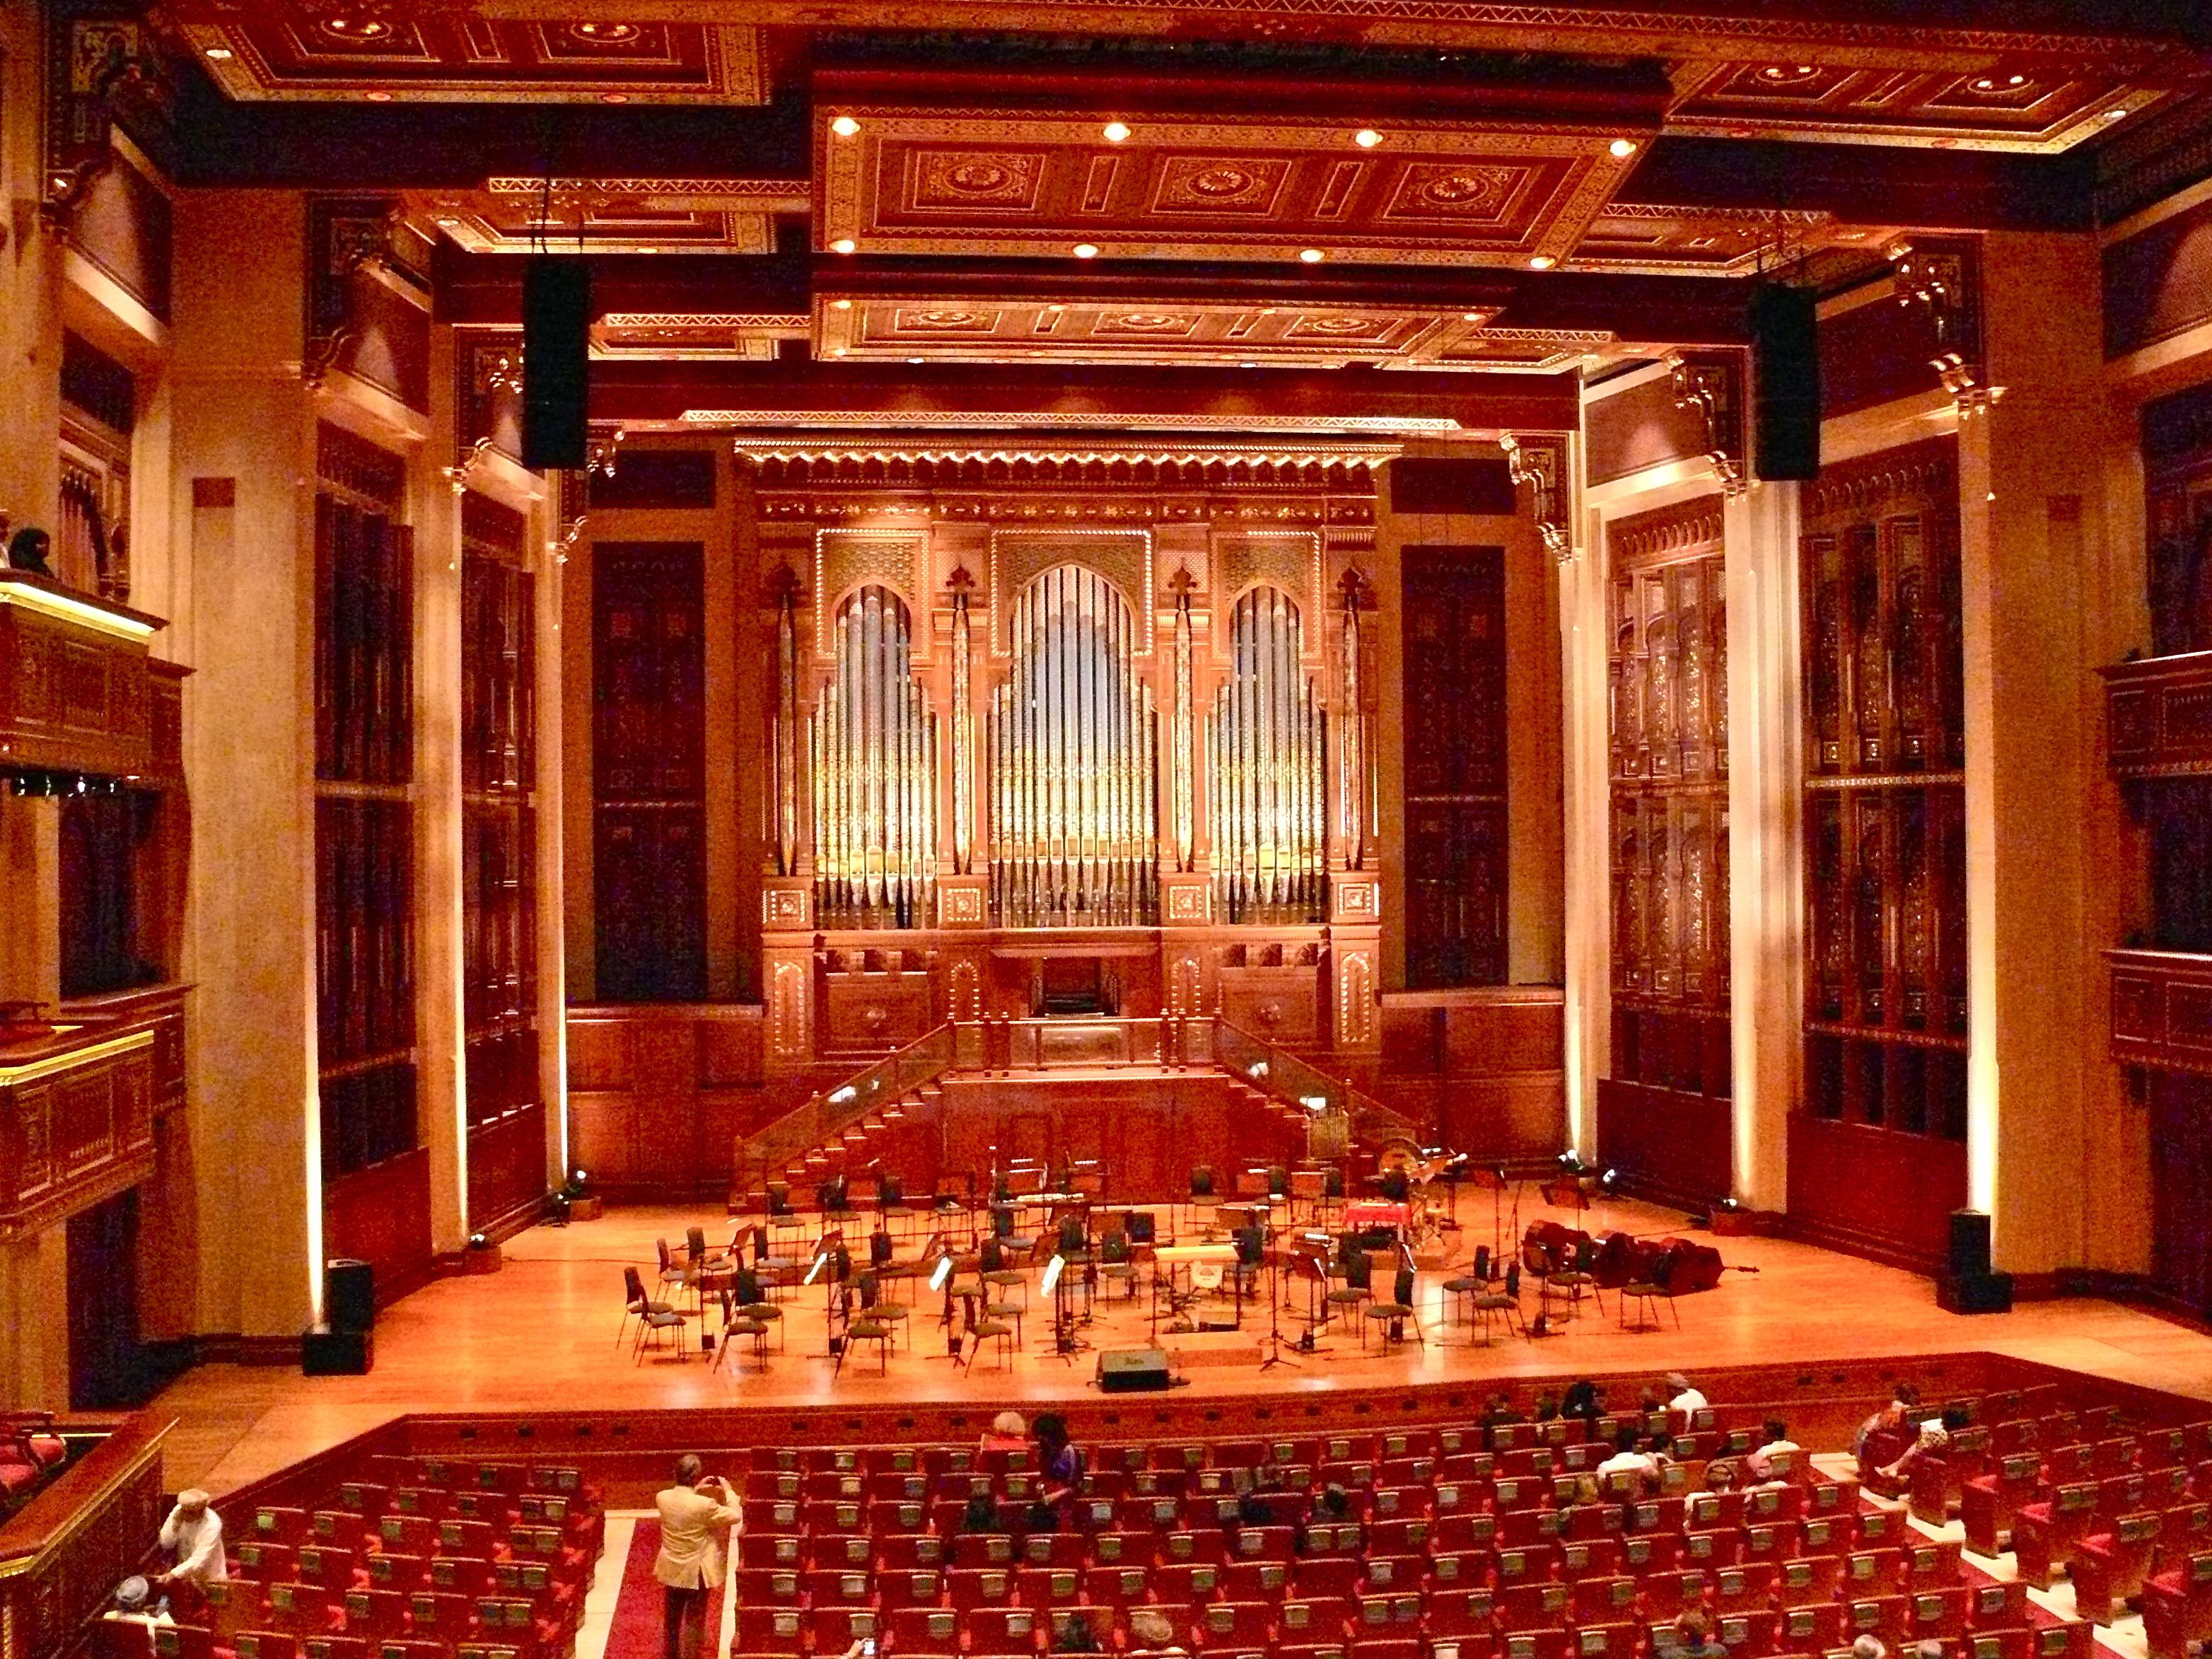 Royal Opera House Ring Cycle